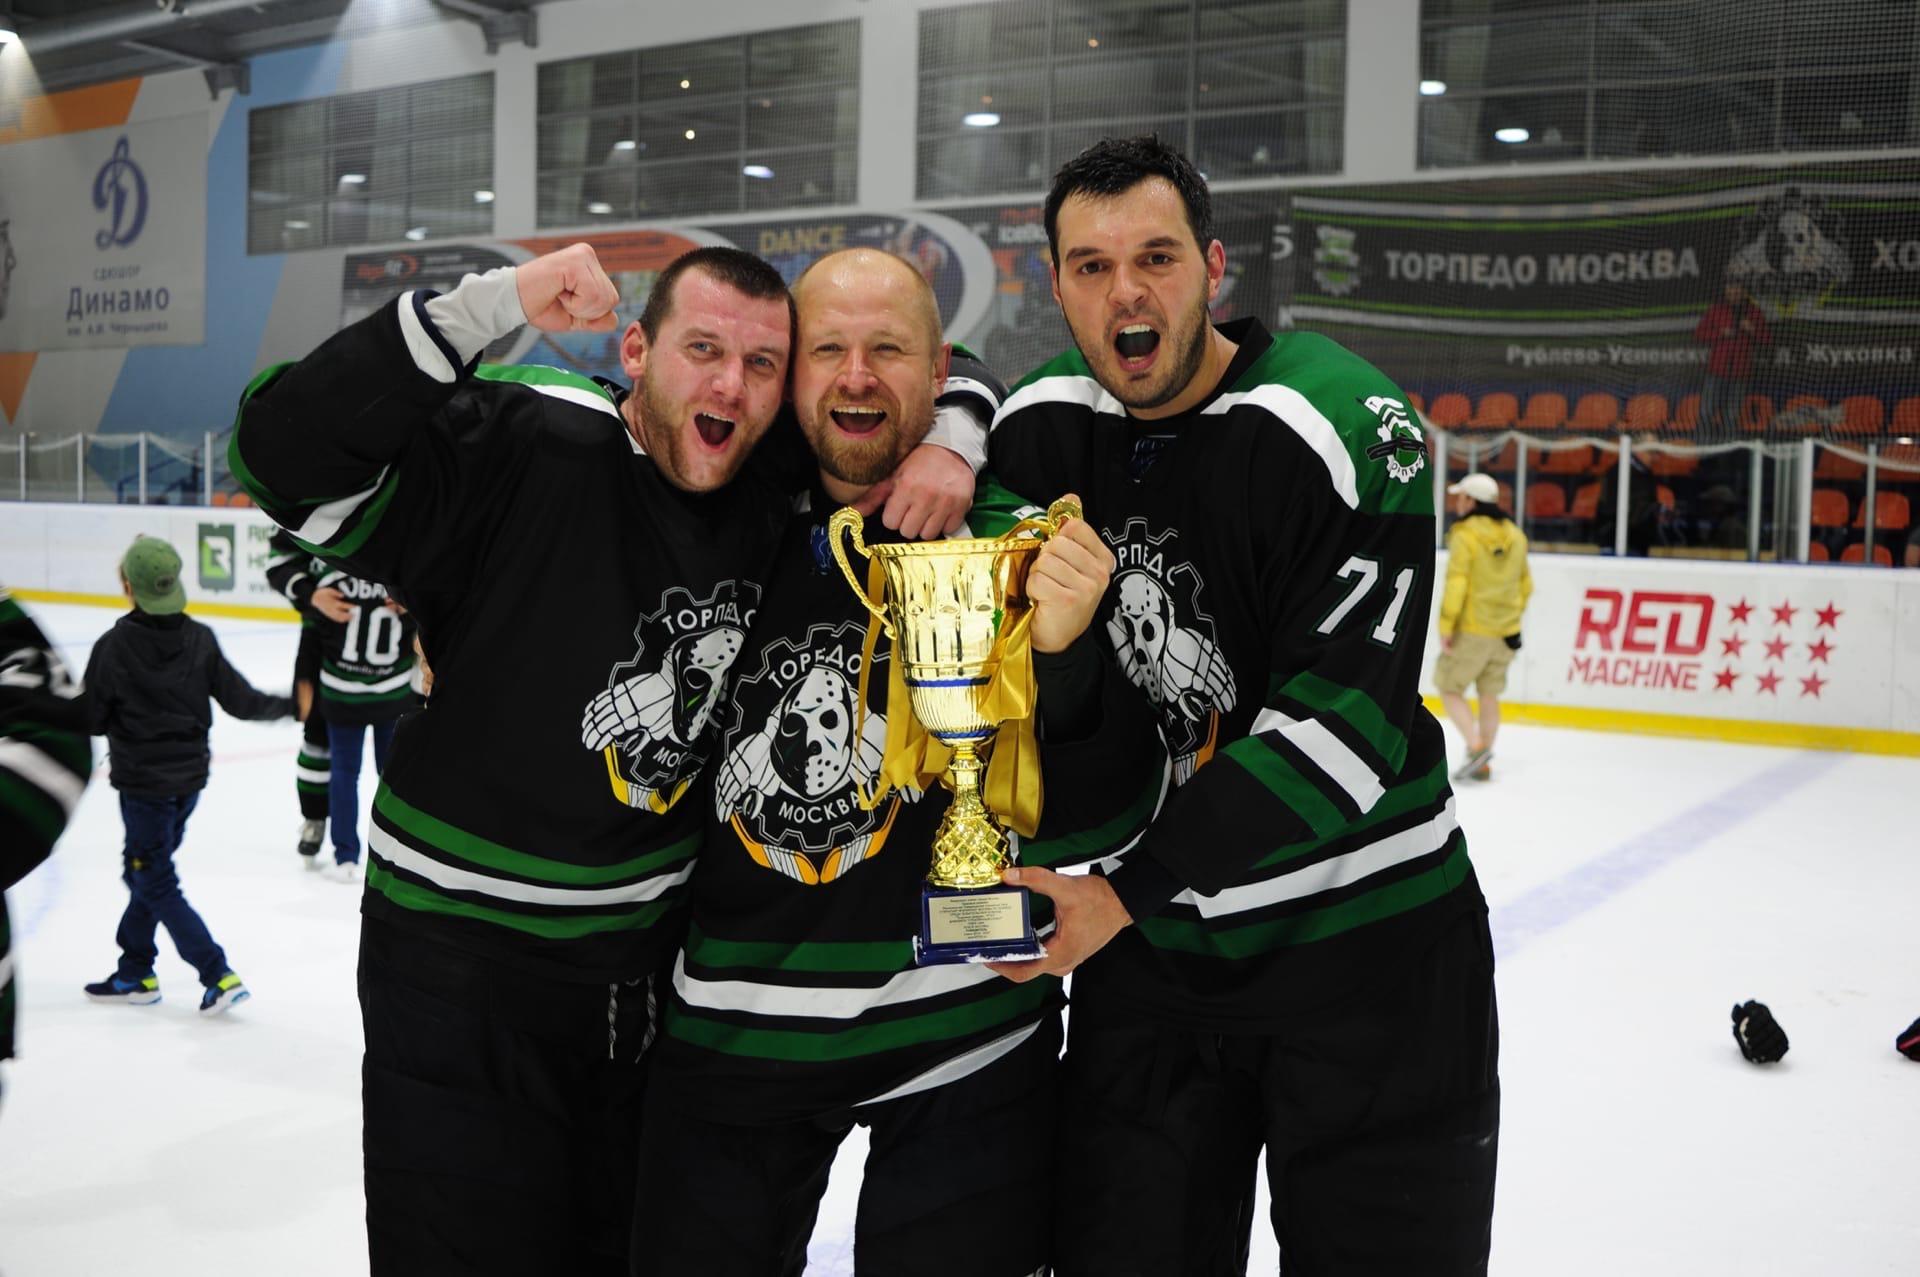 Хоккеисты «Торпедо» завоевали Кубок РТХЛ